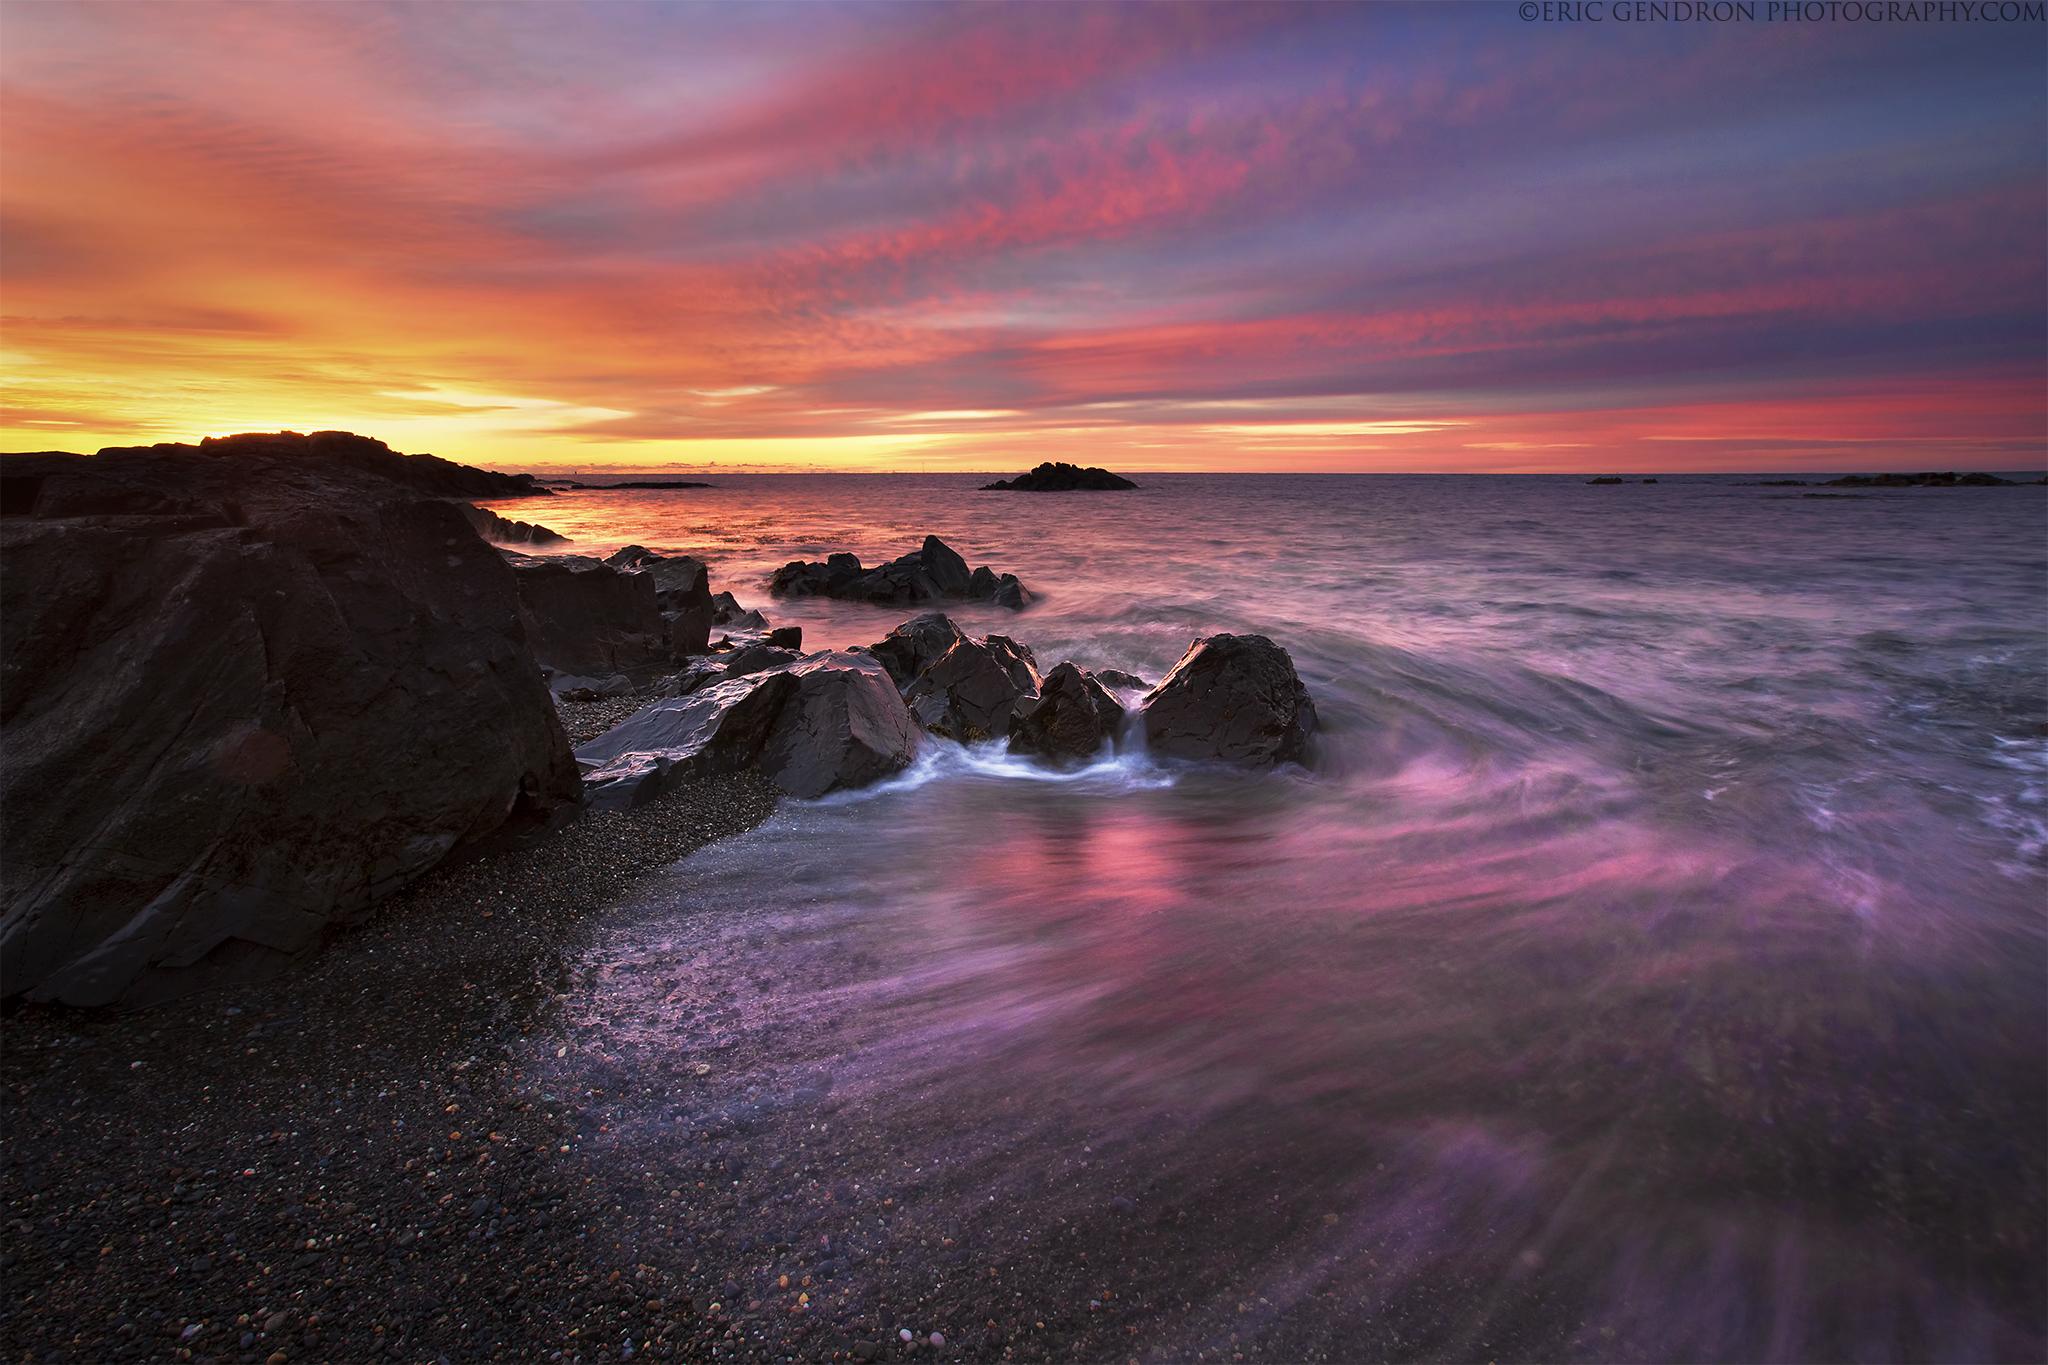 Wallpaper : ocean, morning, red, Sun, seascape, beach, water